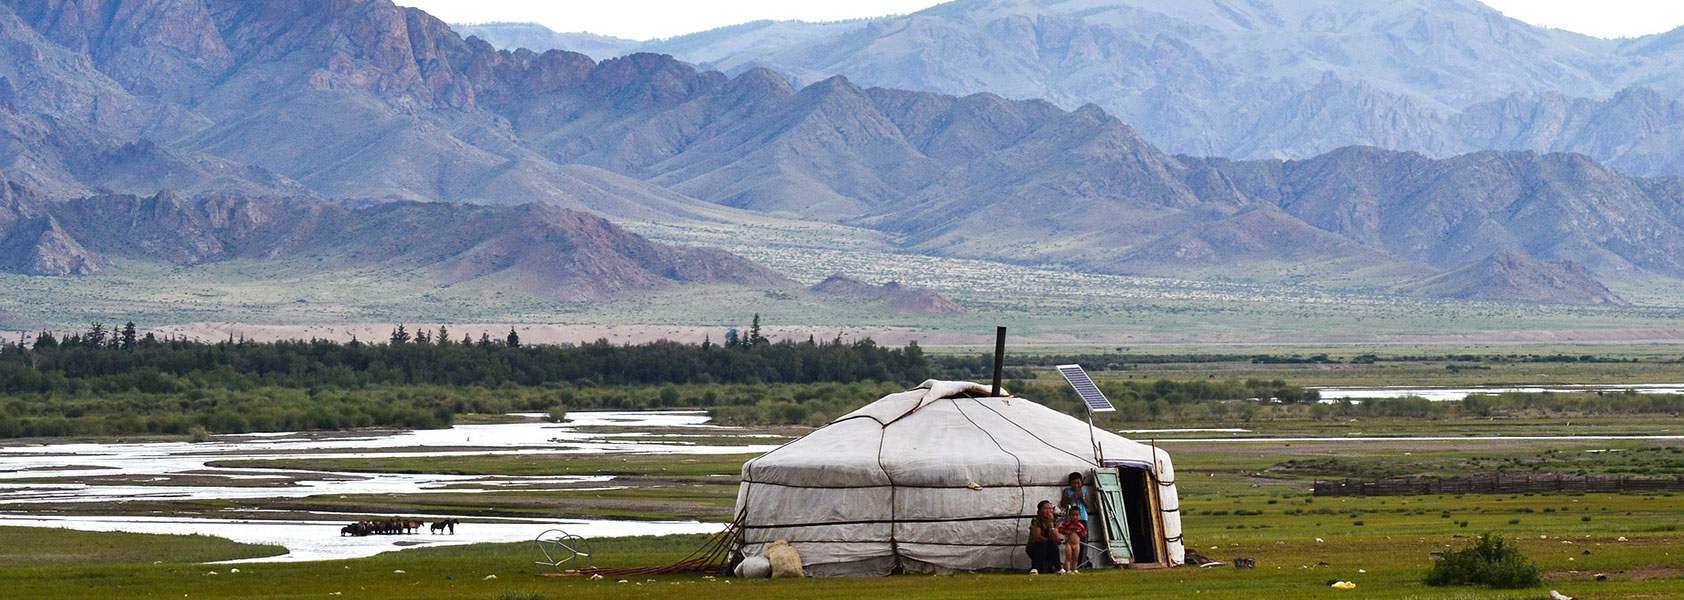 Mongolië | Rondreis door bijzondere landschappen